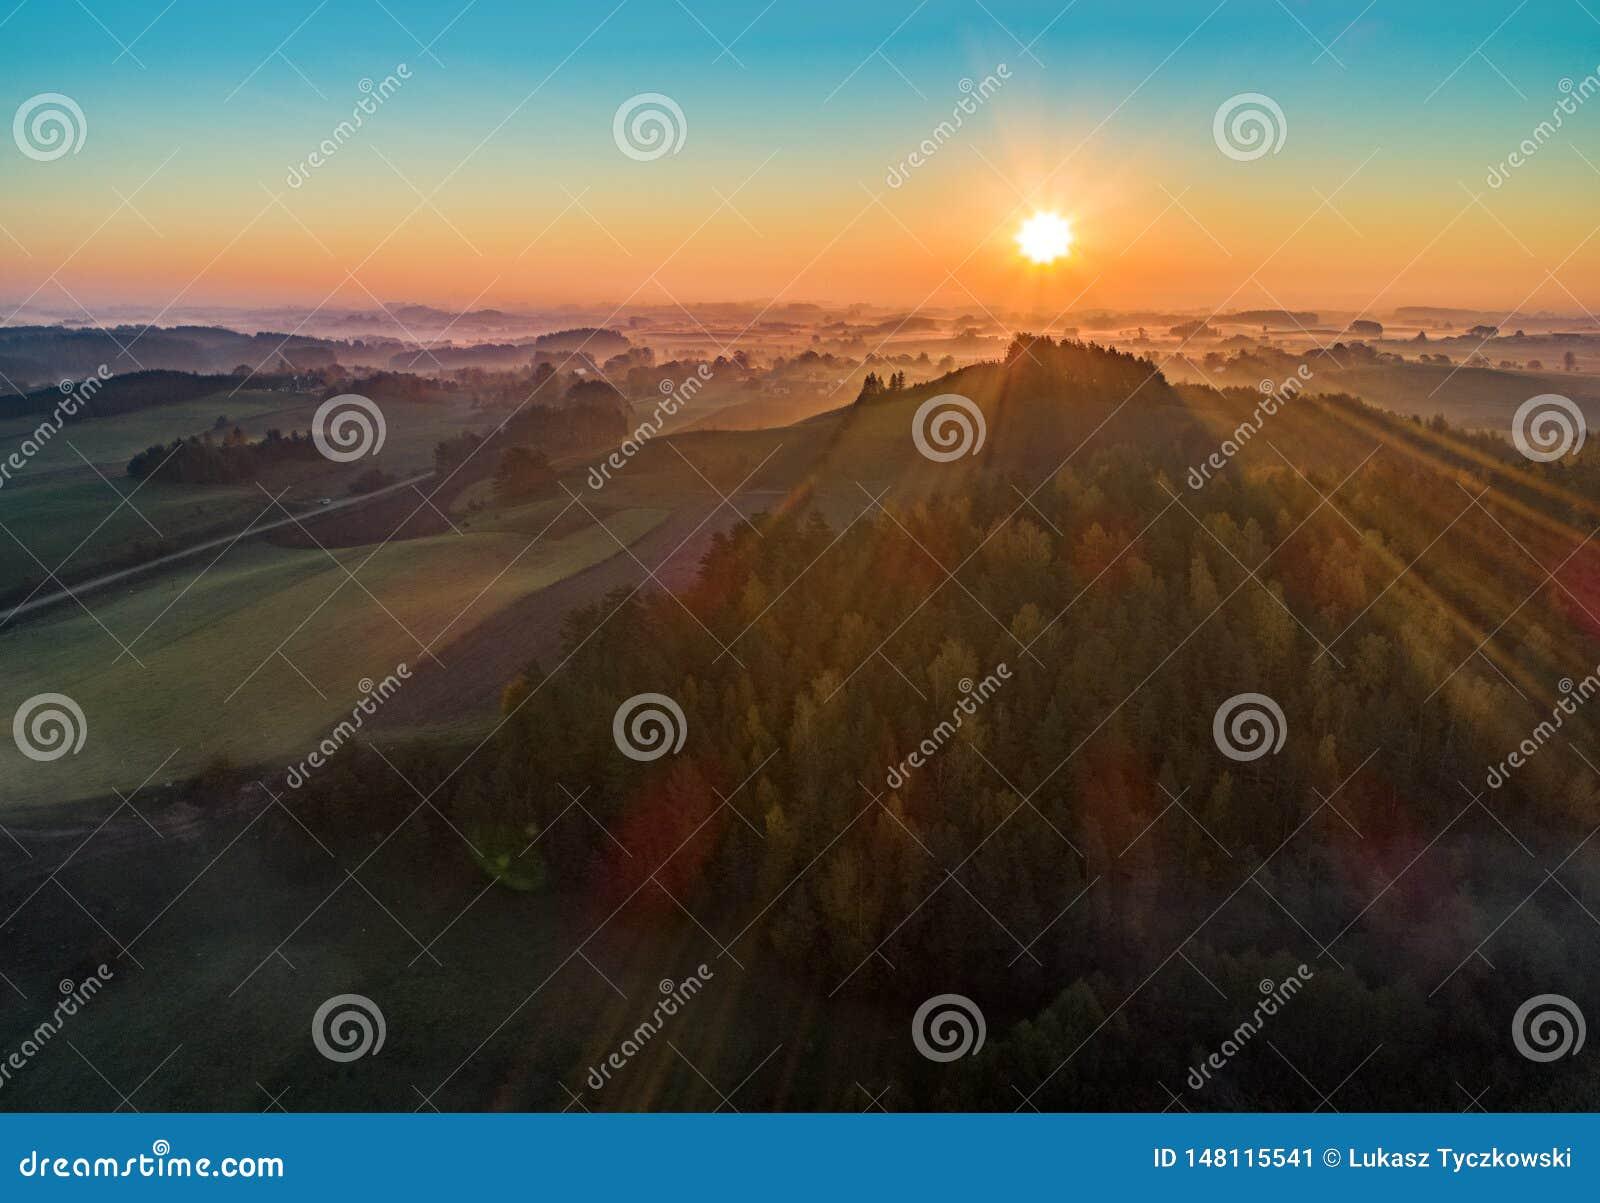 Sonnenaufgang über einem Berg und einem Wald - Luftfoto